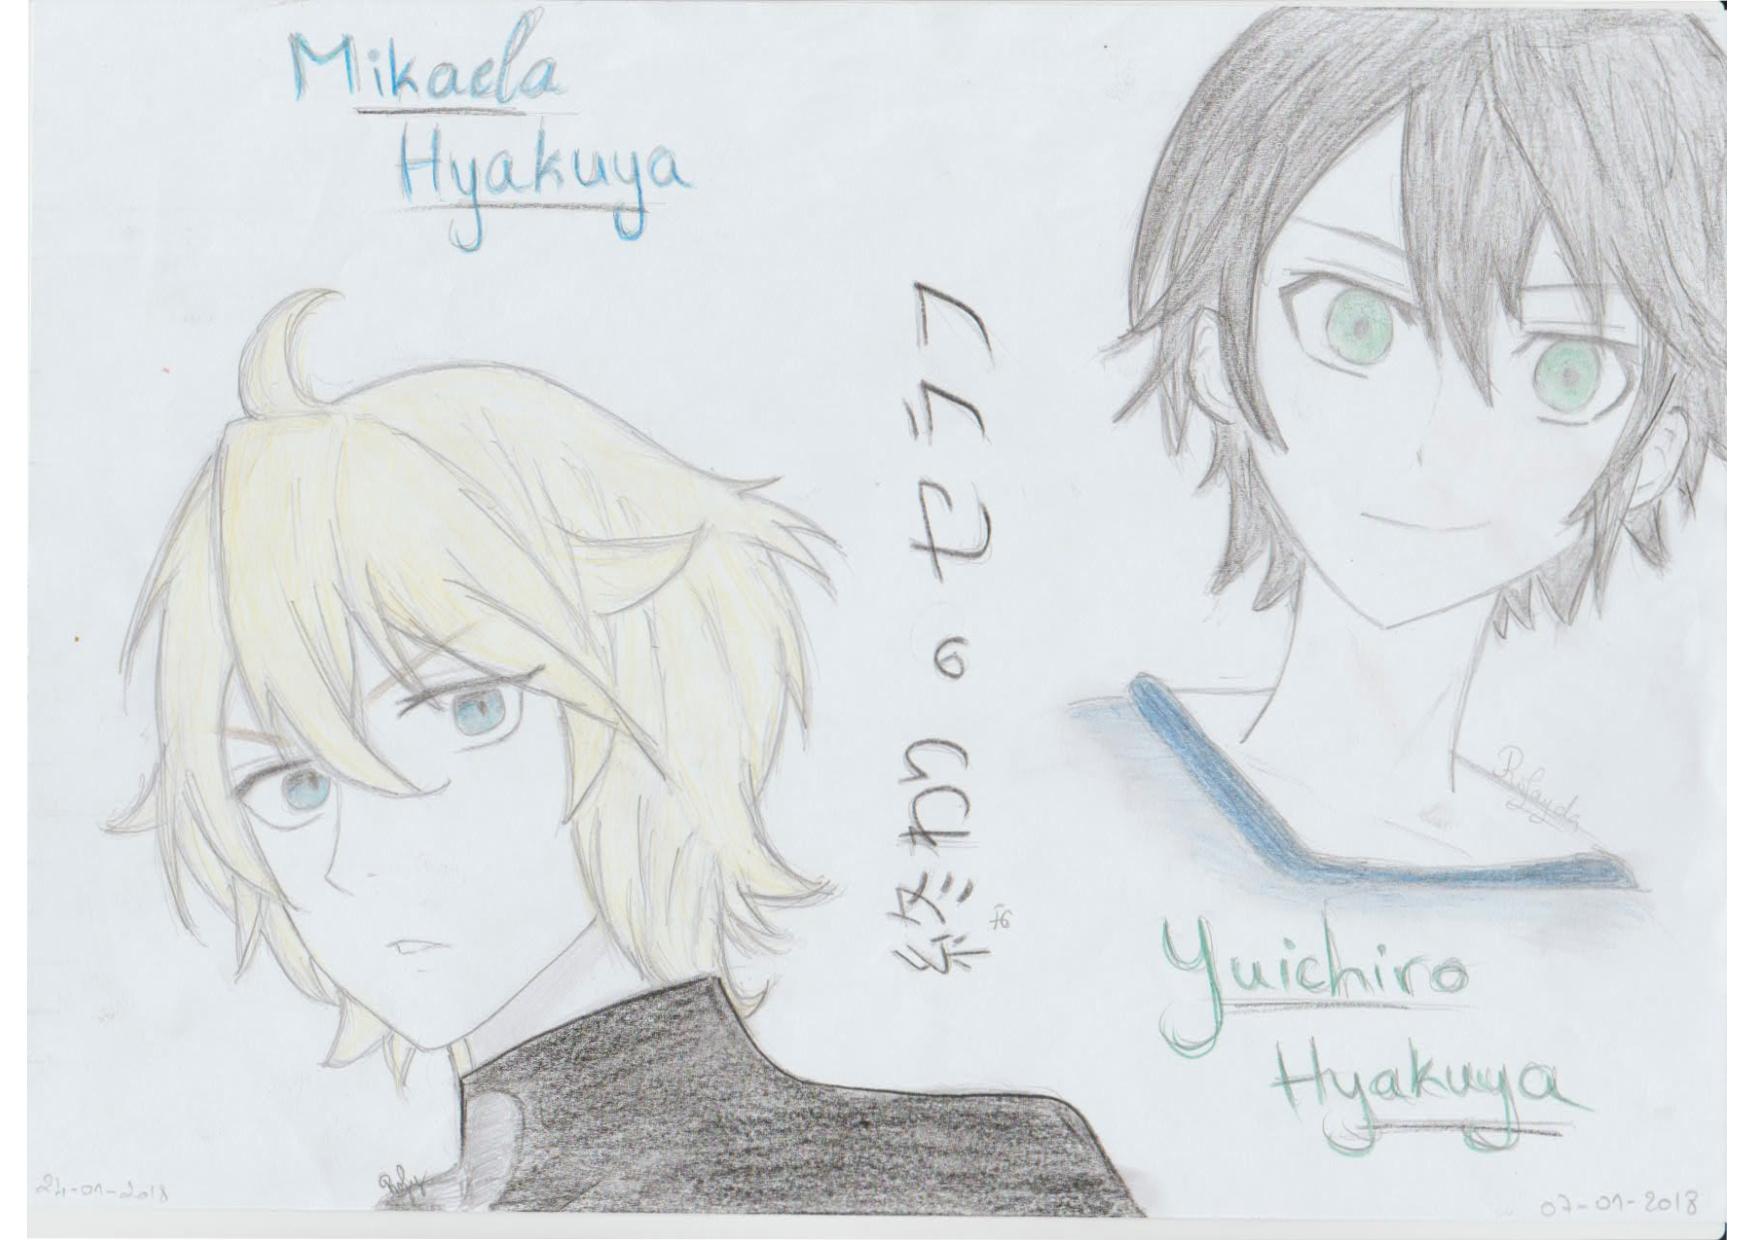 MikaYuu Hyakuya